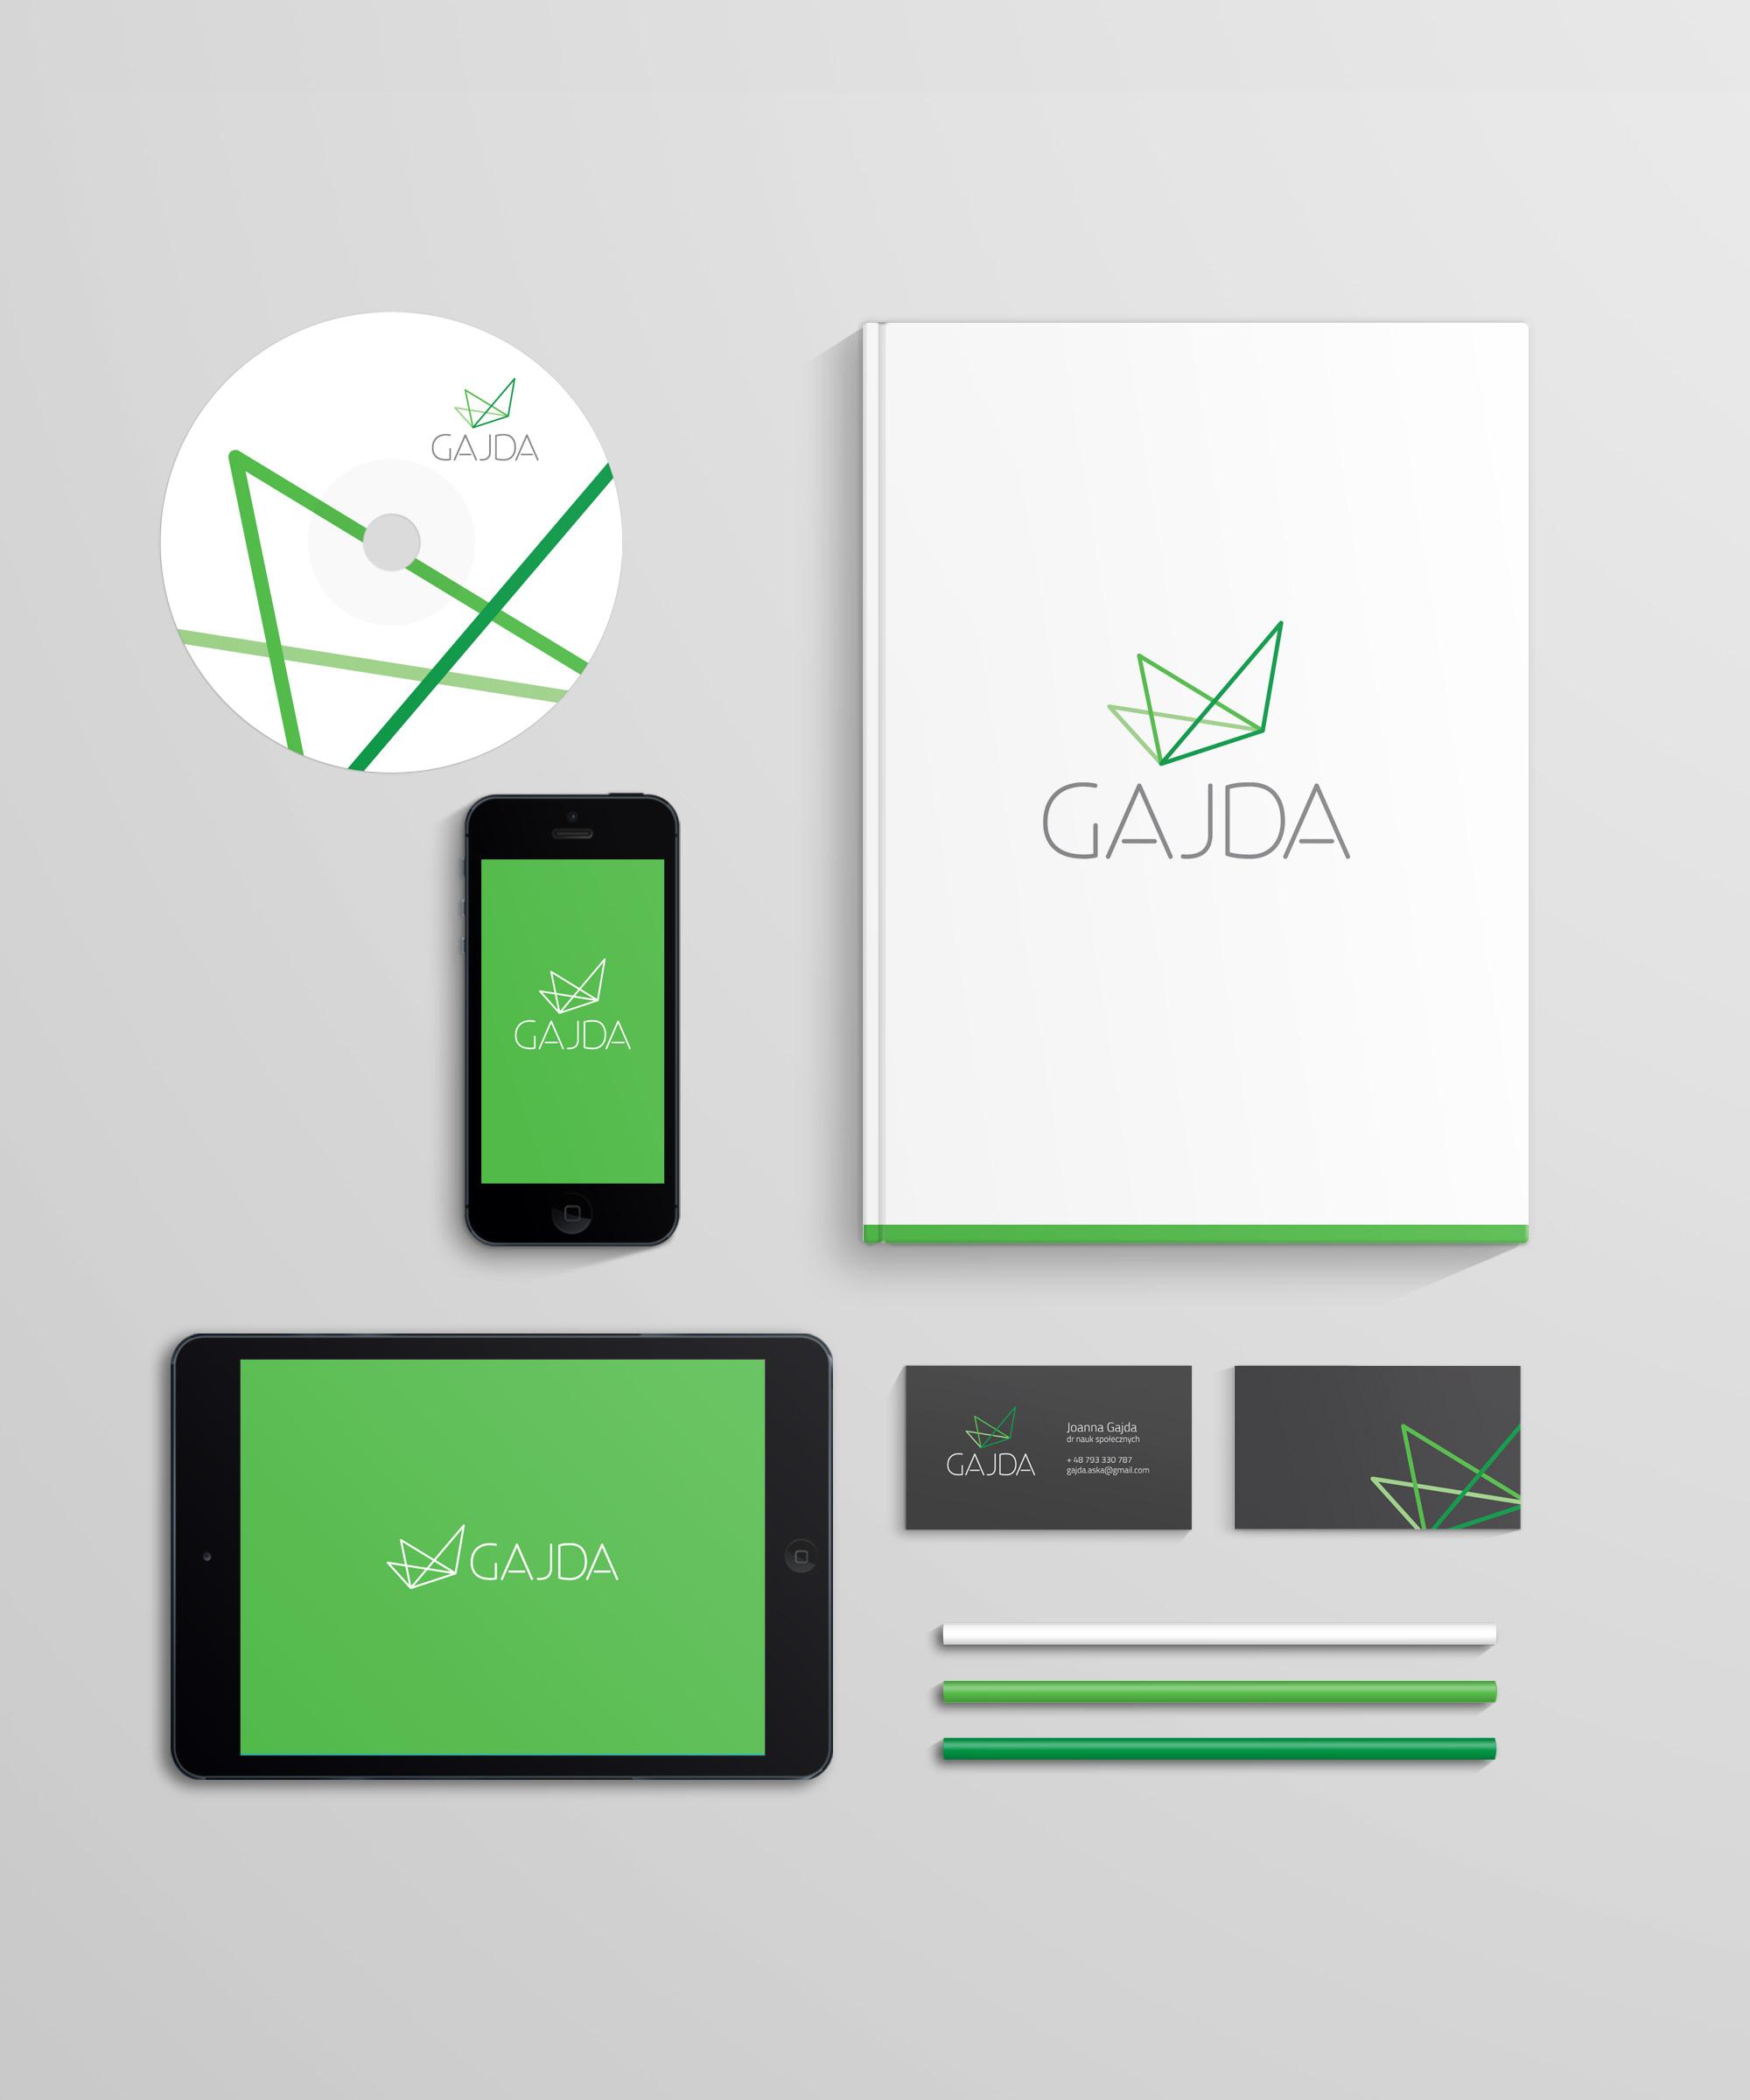 02-Gajda